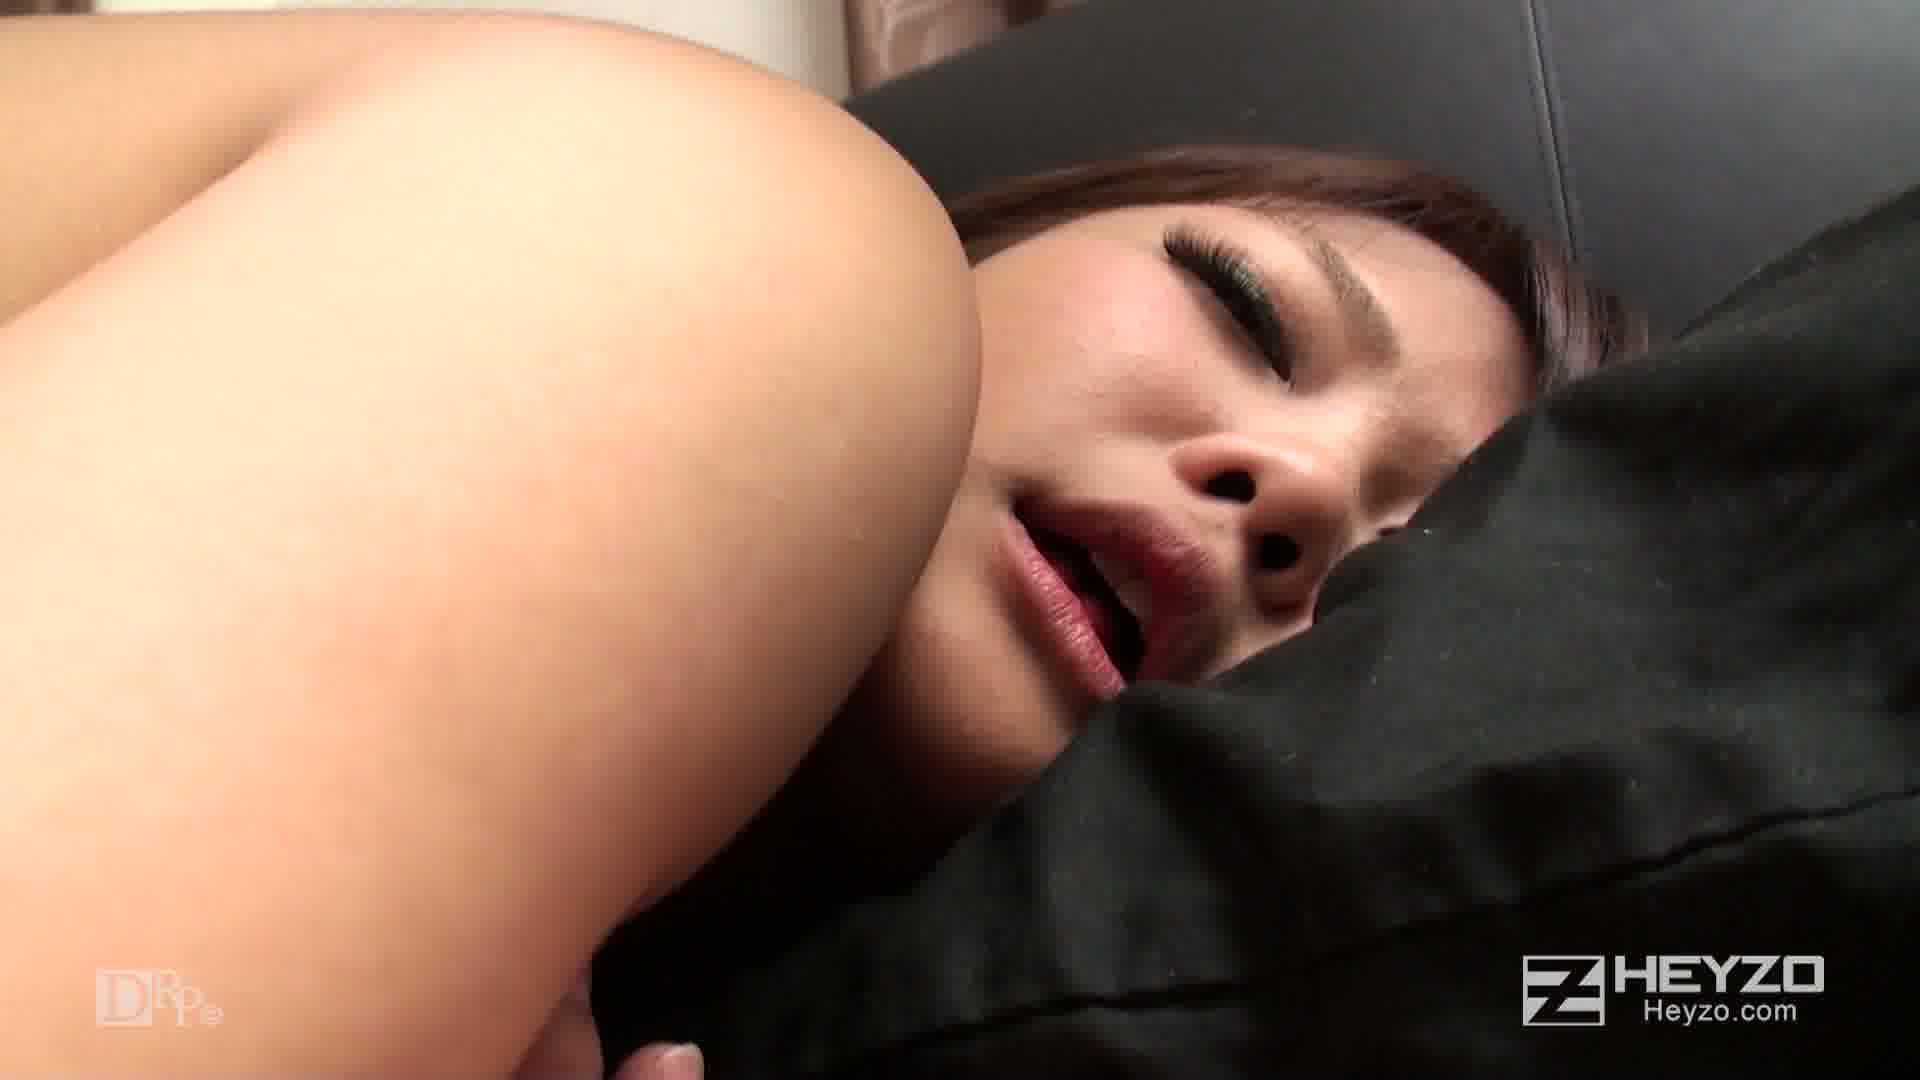 巨乳彼女の博多弁に昇天寸前~ハメ撮りで興奮度120%~ - 相沢桃華【騎乗位 バック フェラ 正常位 側位 中だし】